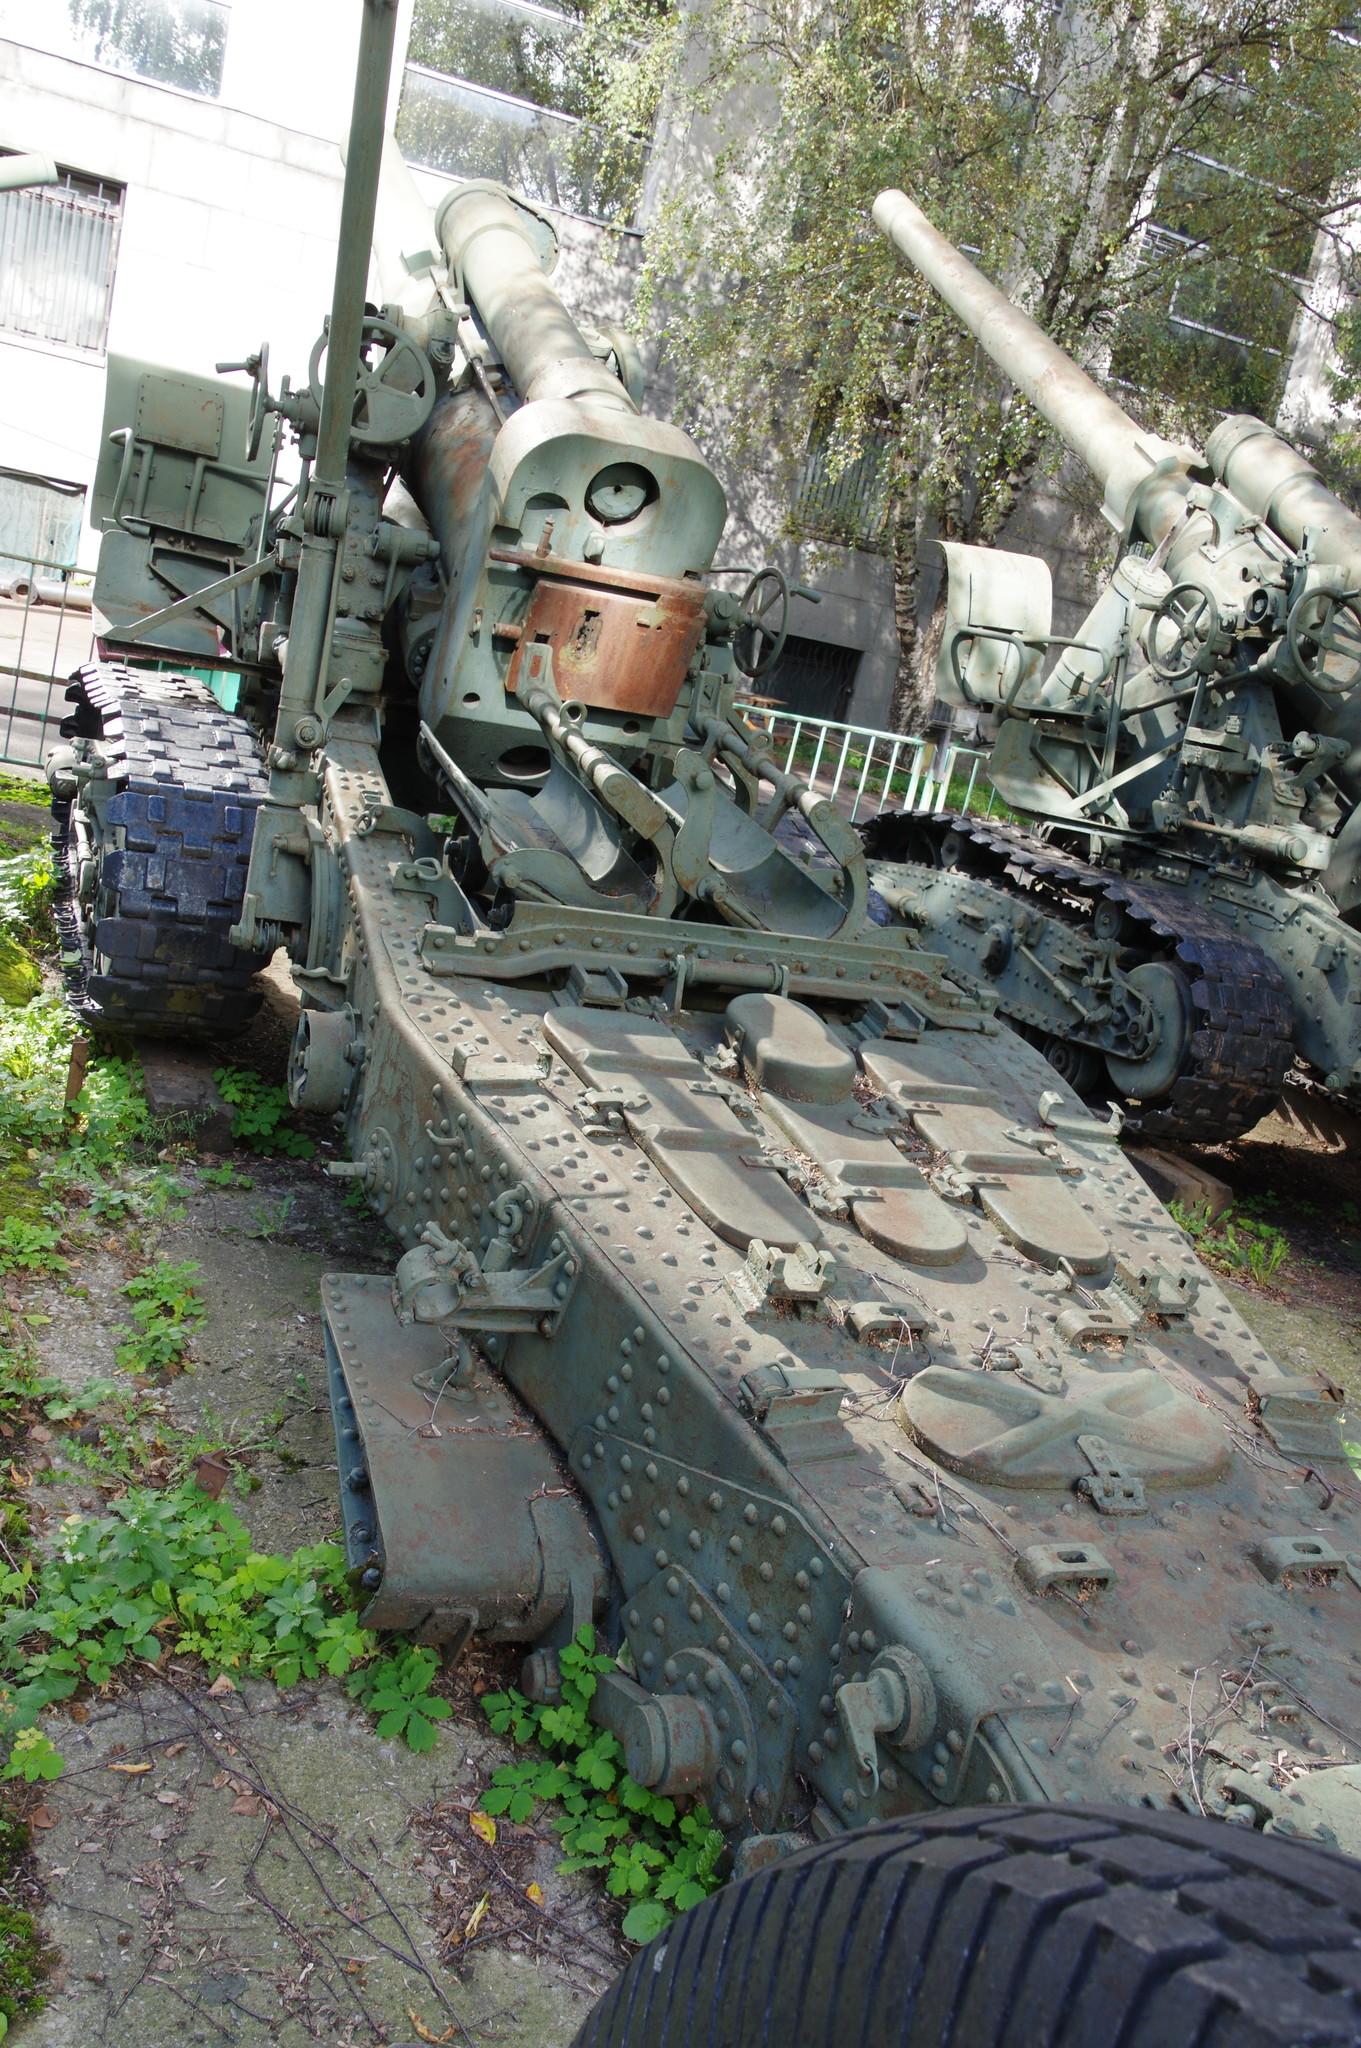 203-мм гаубица большой мощности Б-4 образца 1931 года в экспозиции Центрального музея Вооружённых сил Российской Федерации